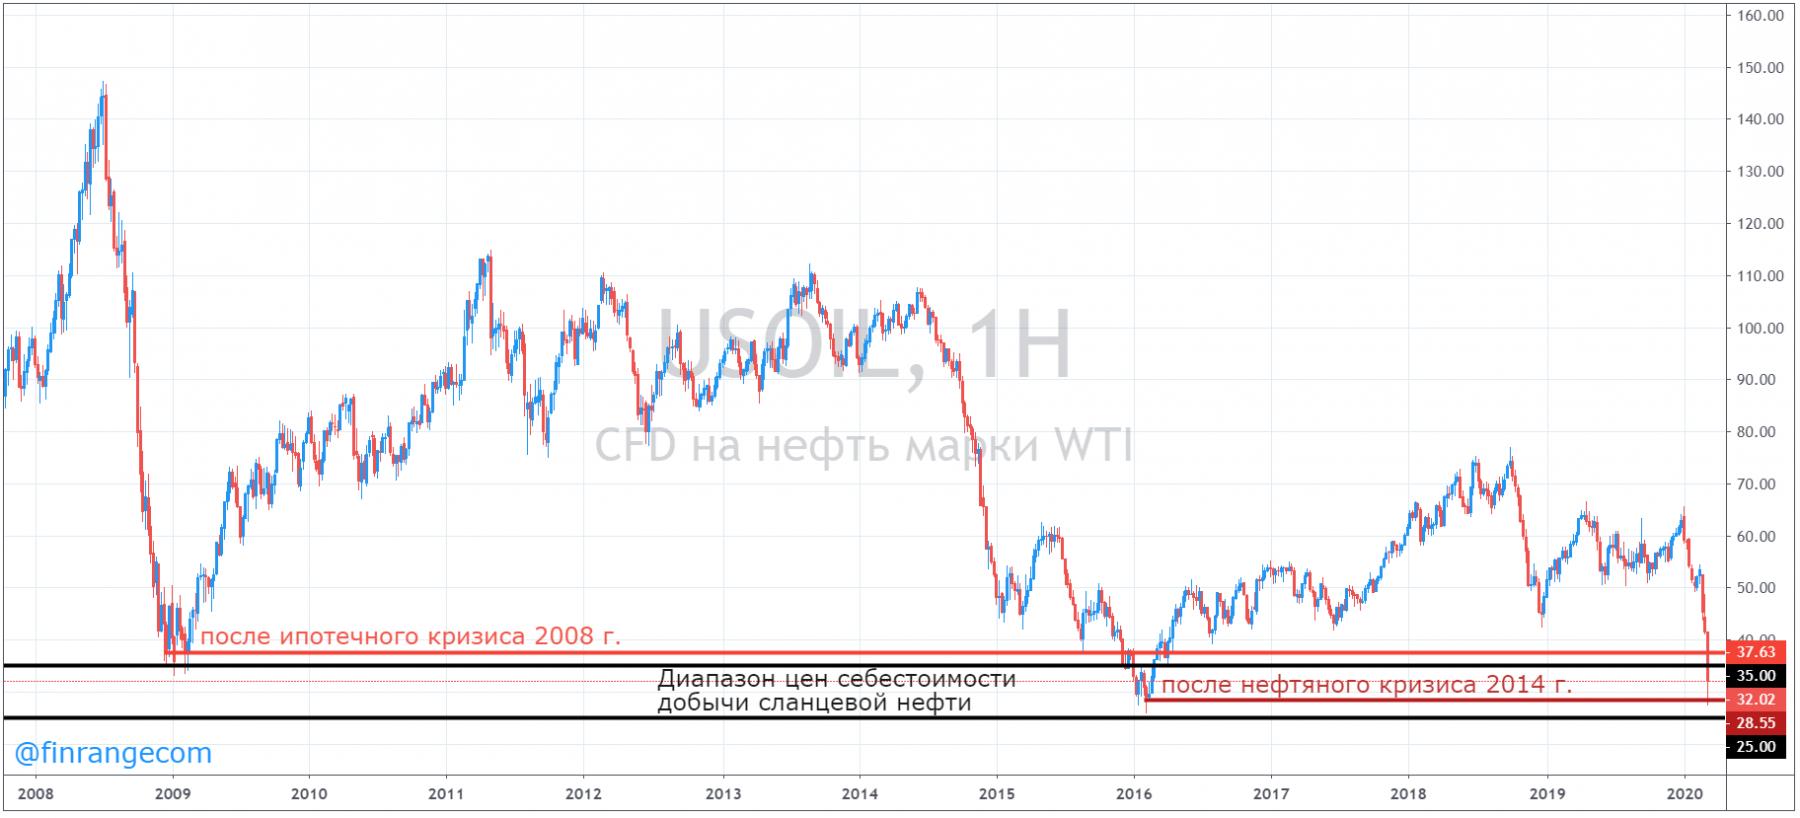 Почему произошёл обвал цен на нефть и что делать?